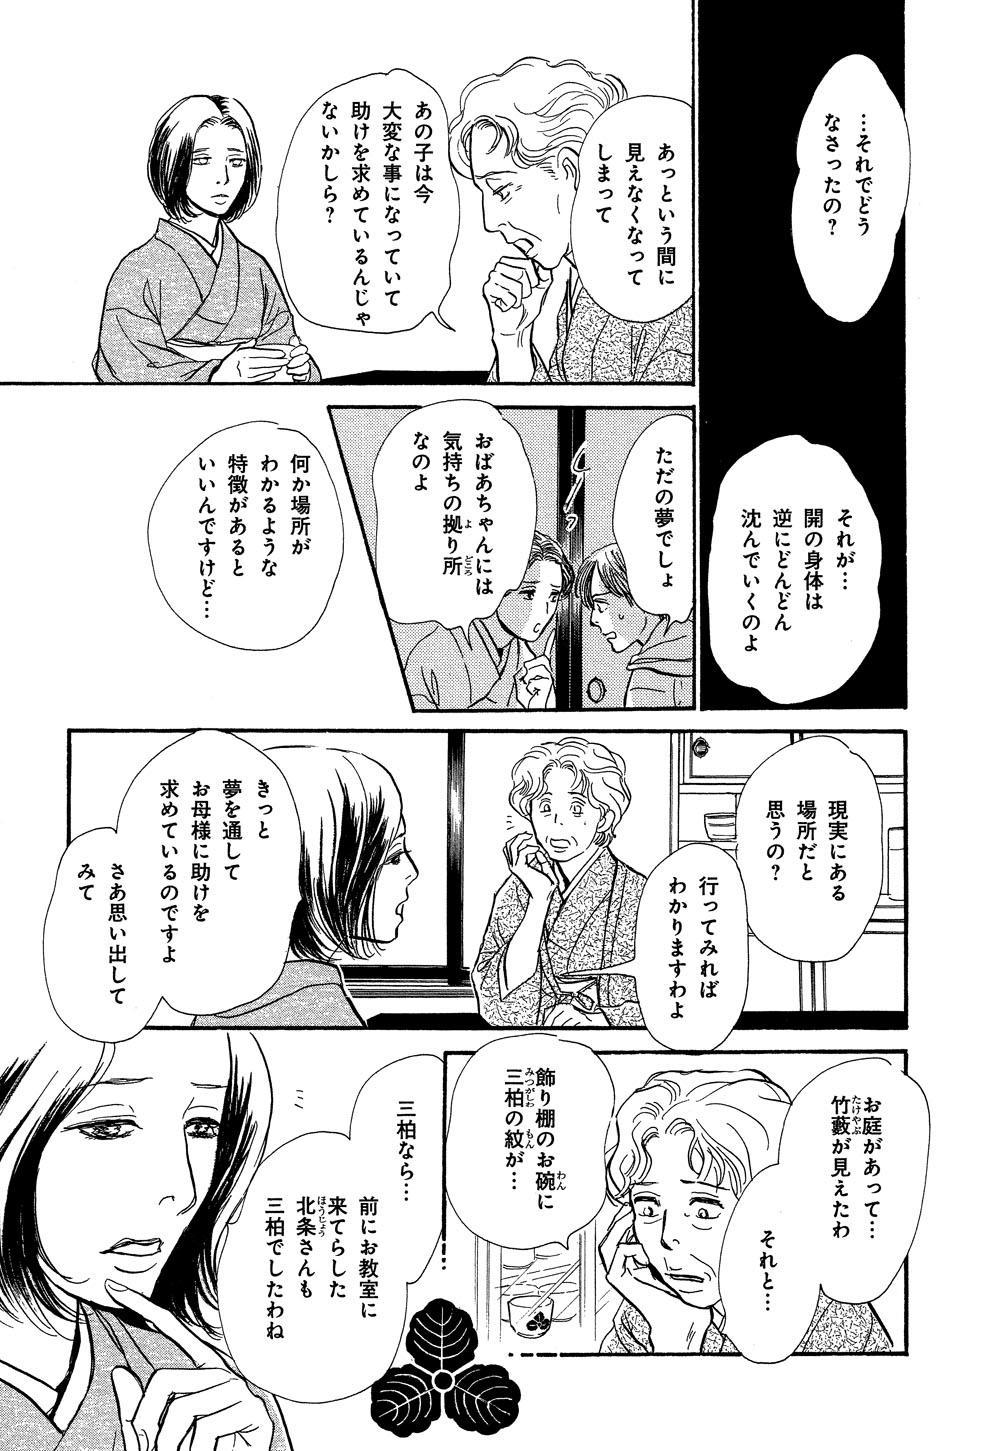 hyakki_0021_0021.jpg